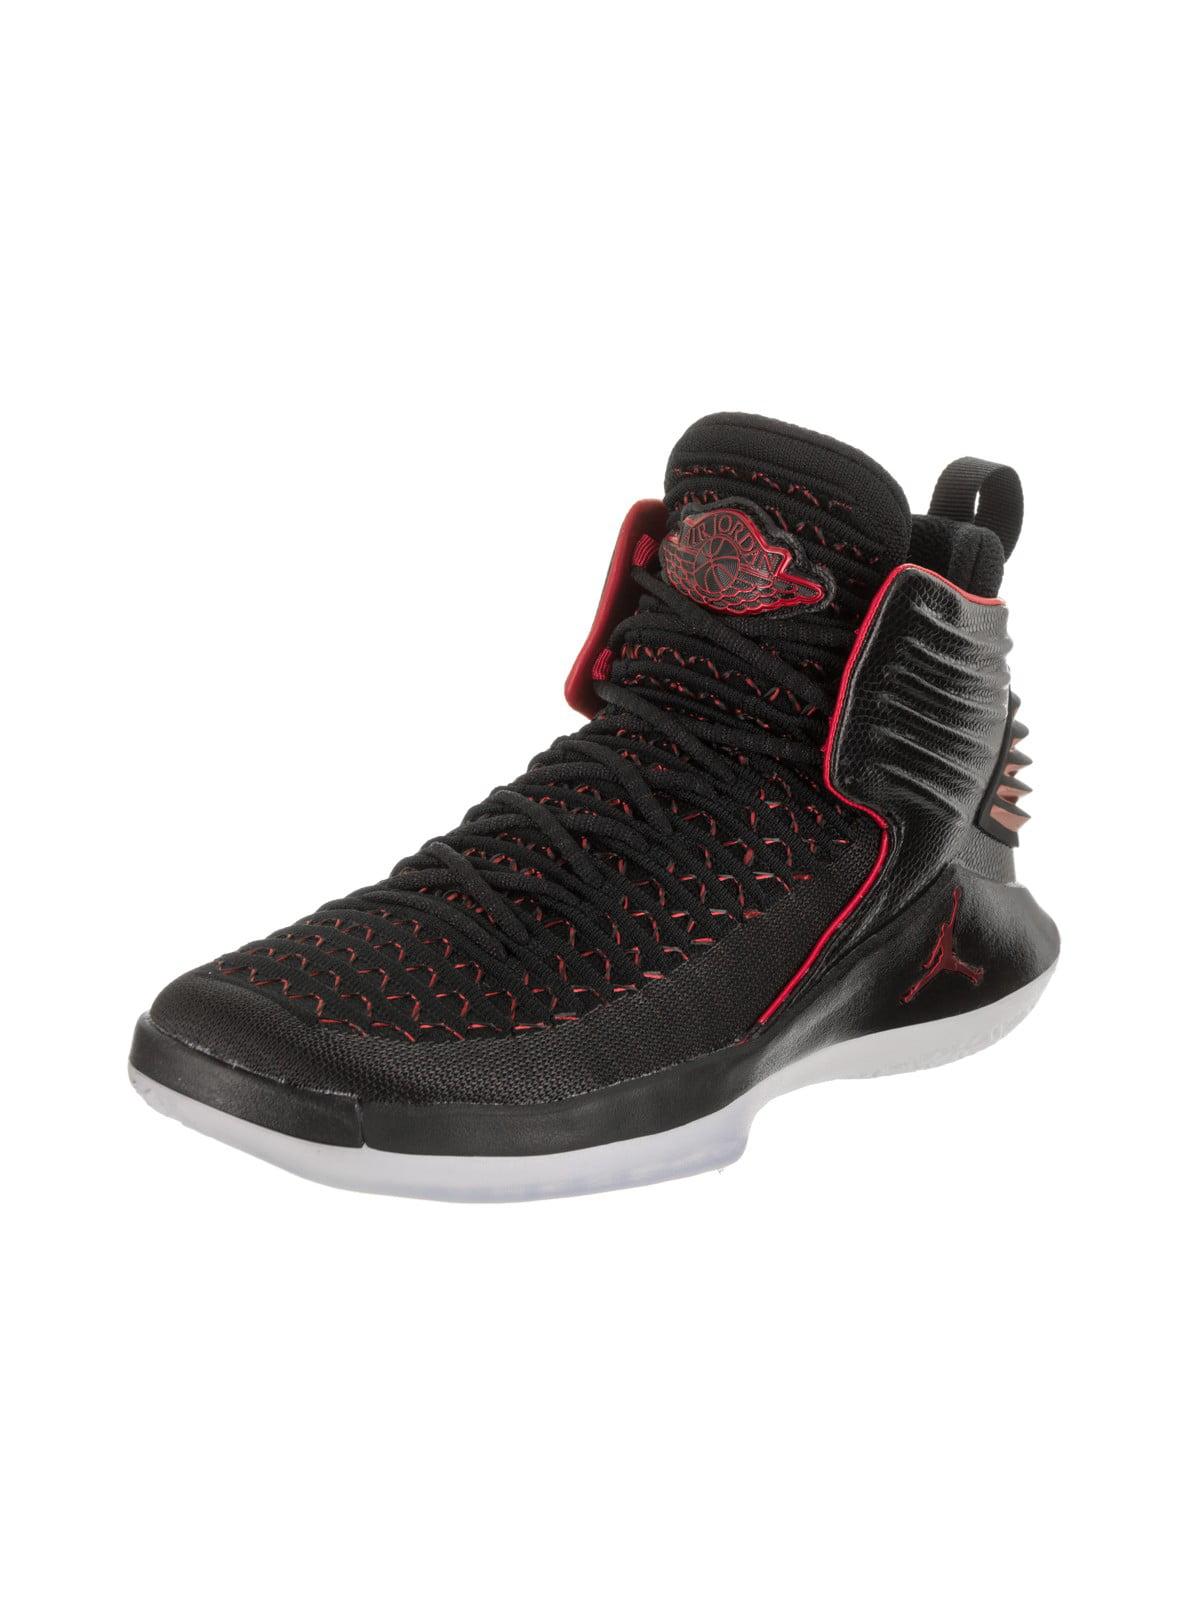 Nike Jordan Kids Jordan XXXII BG